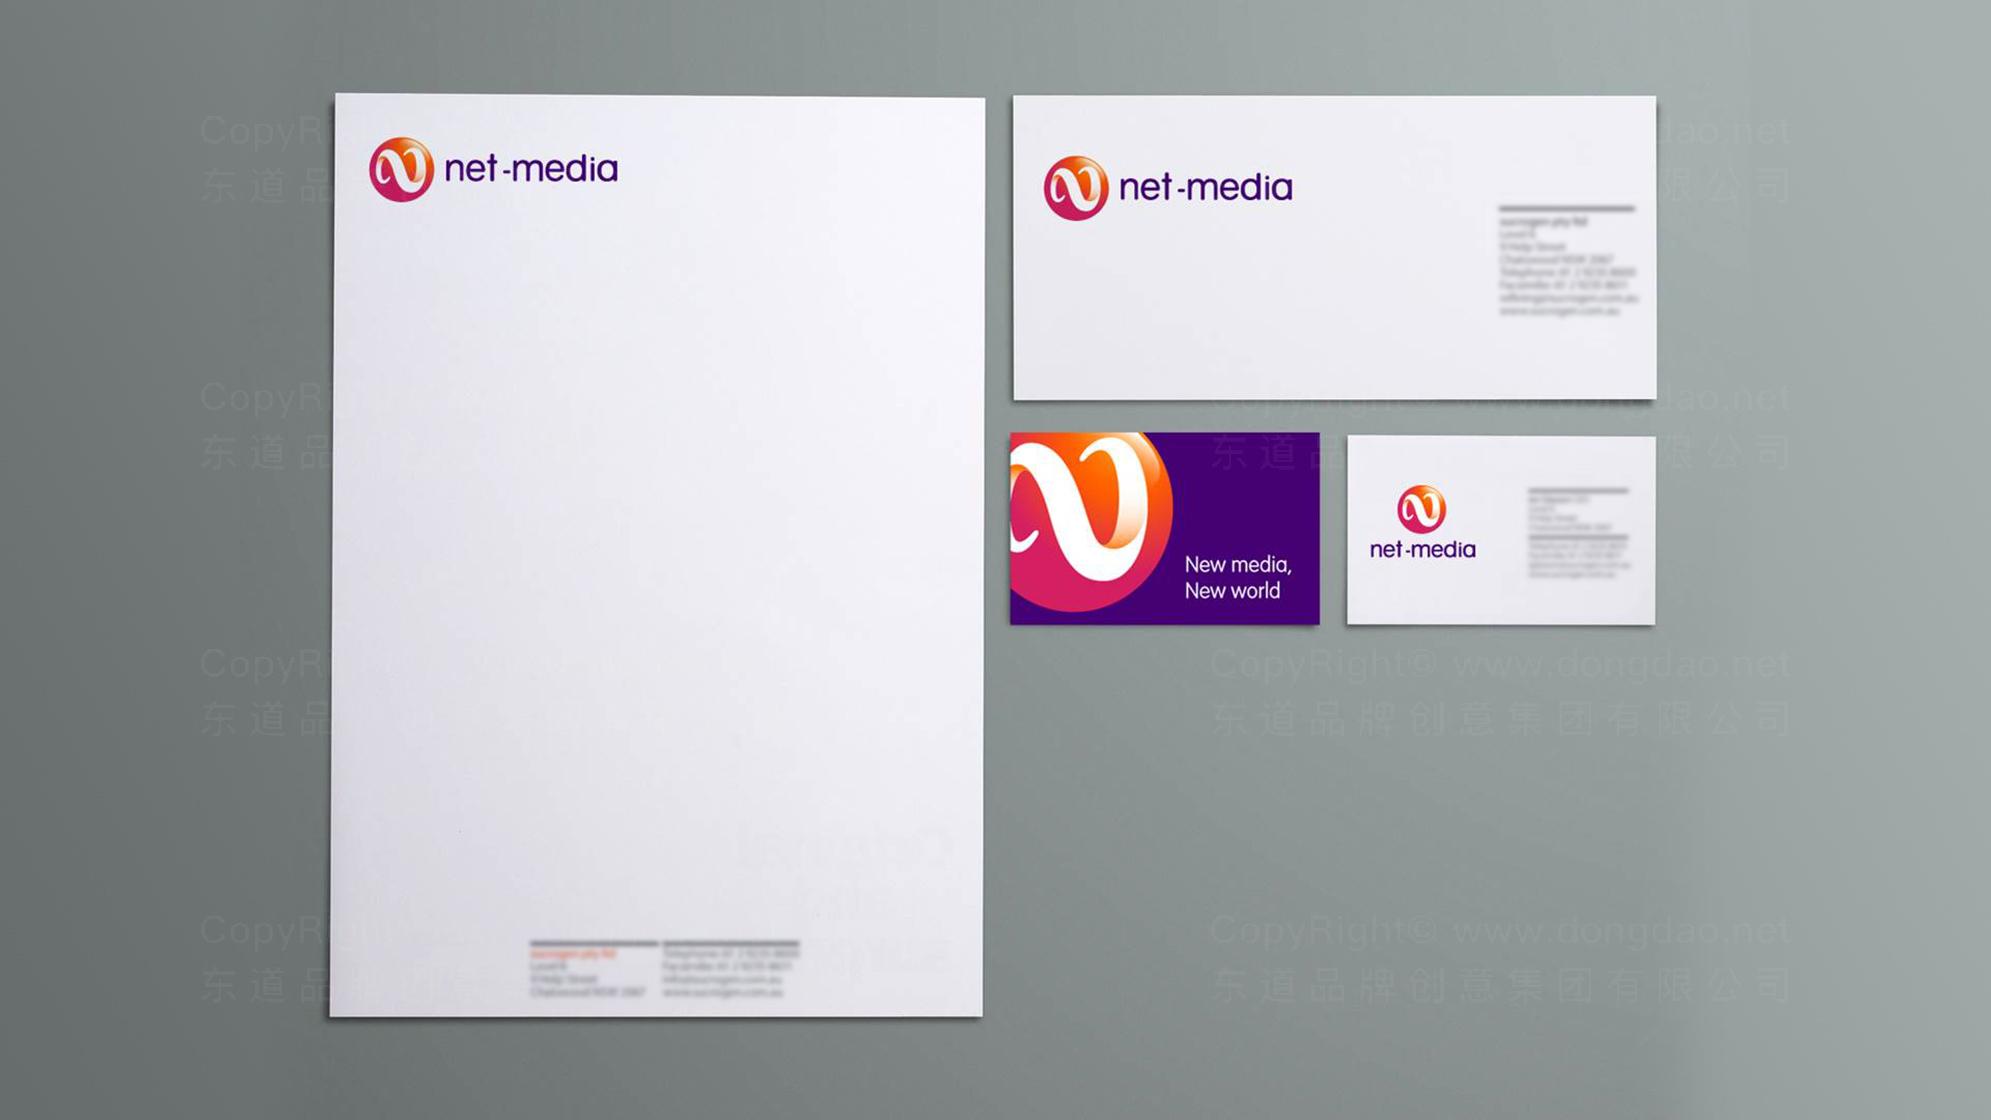 品牌设计网信传媒标志设计应用场景_2